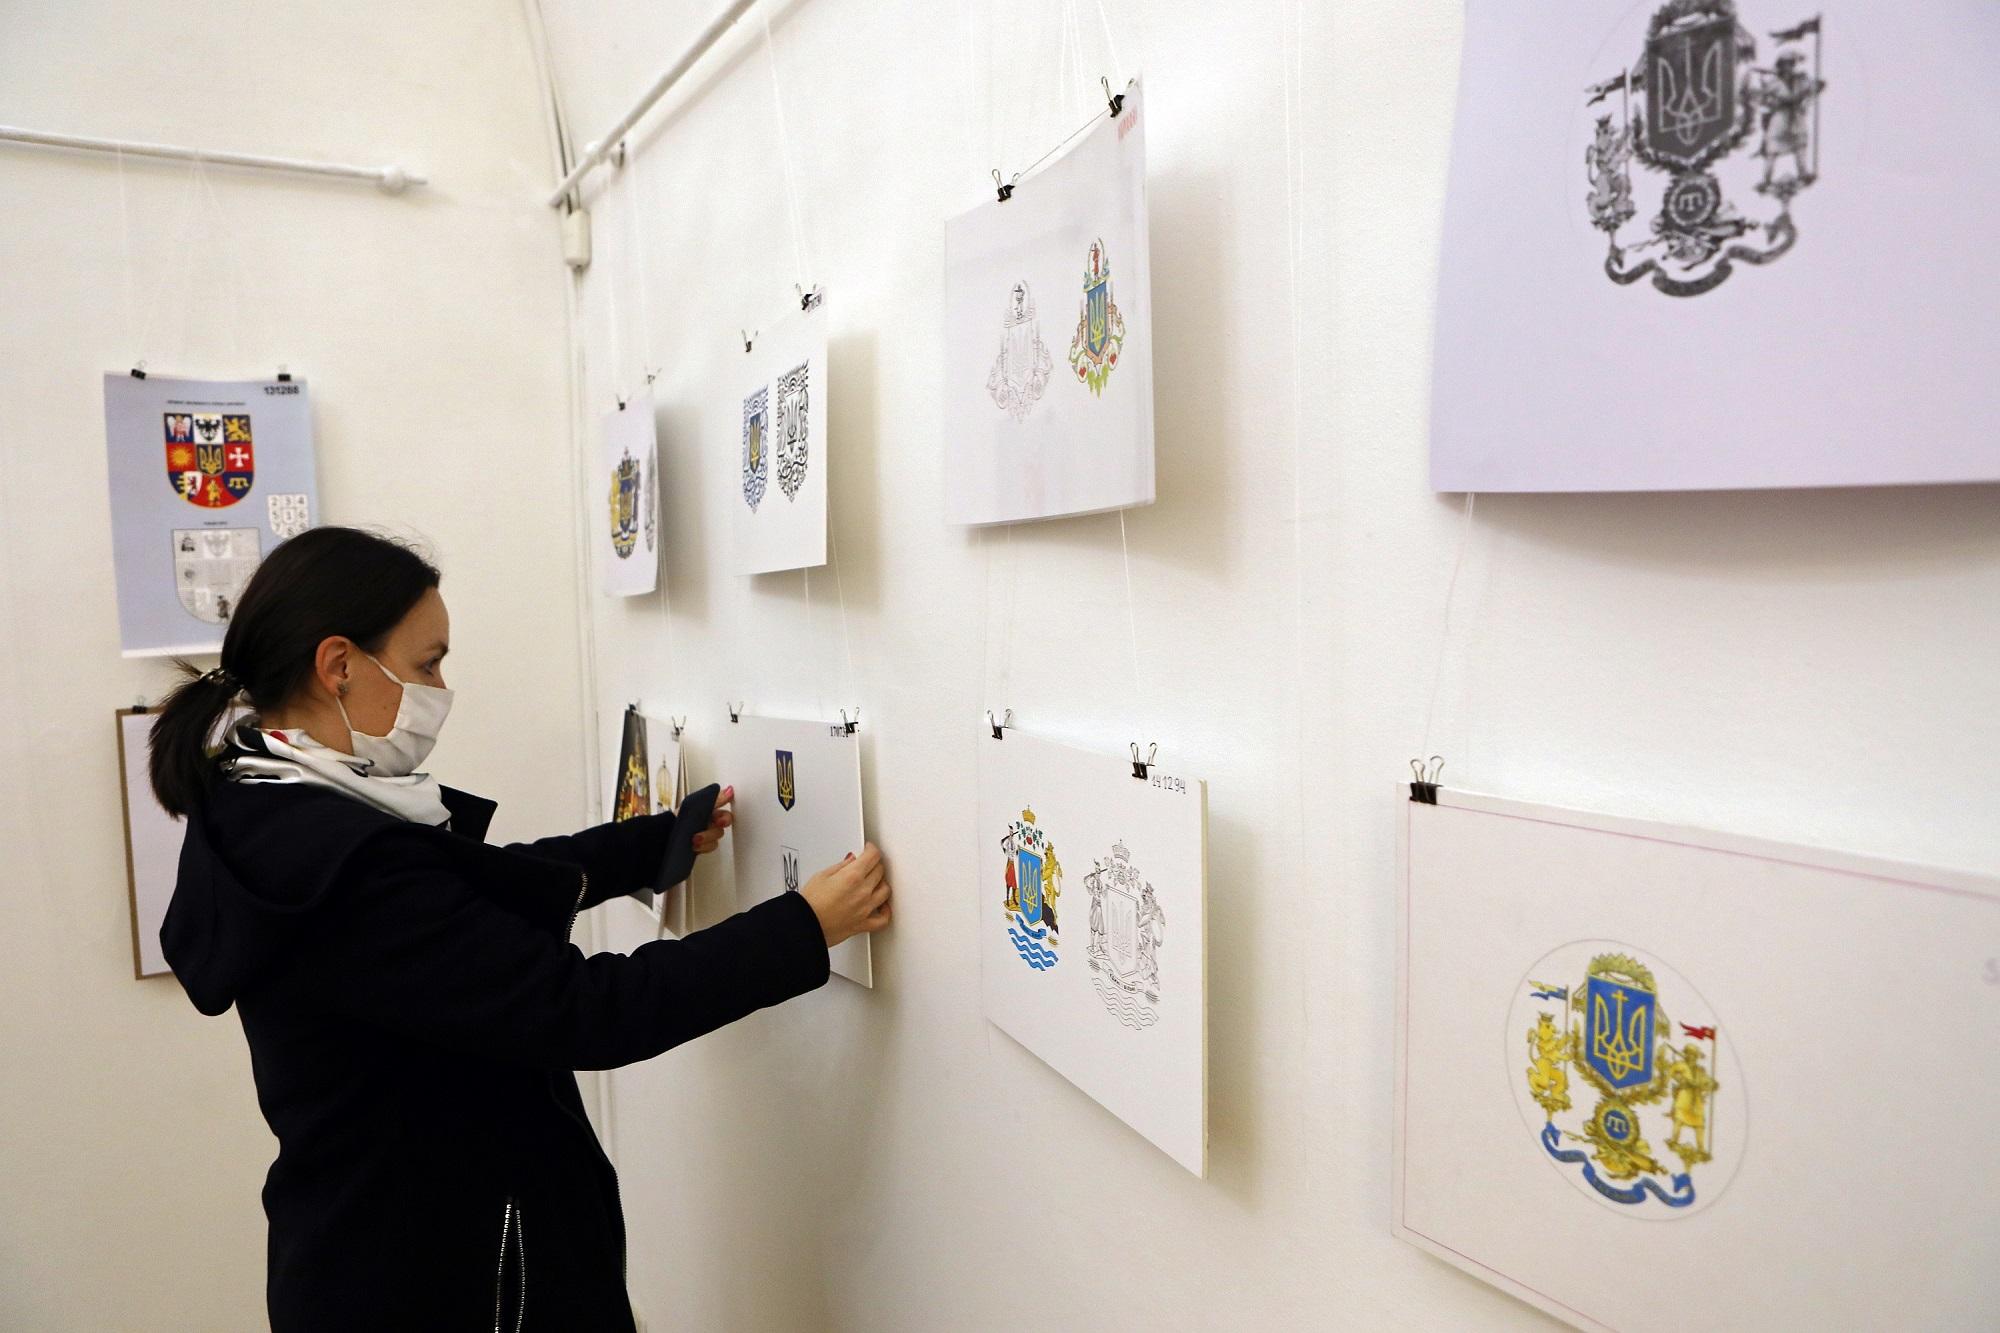 У Софії Київській презентовані ескізи великого Державного герба України - конкурс, виставка - 20201113105346 EI4A7521